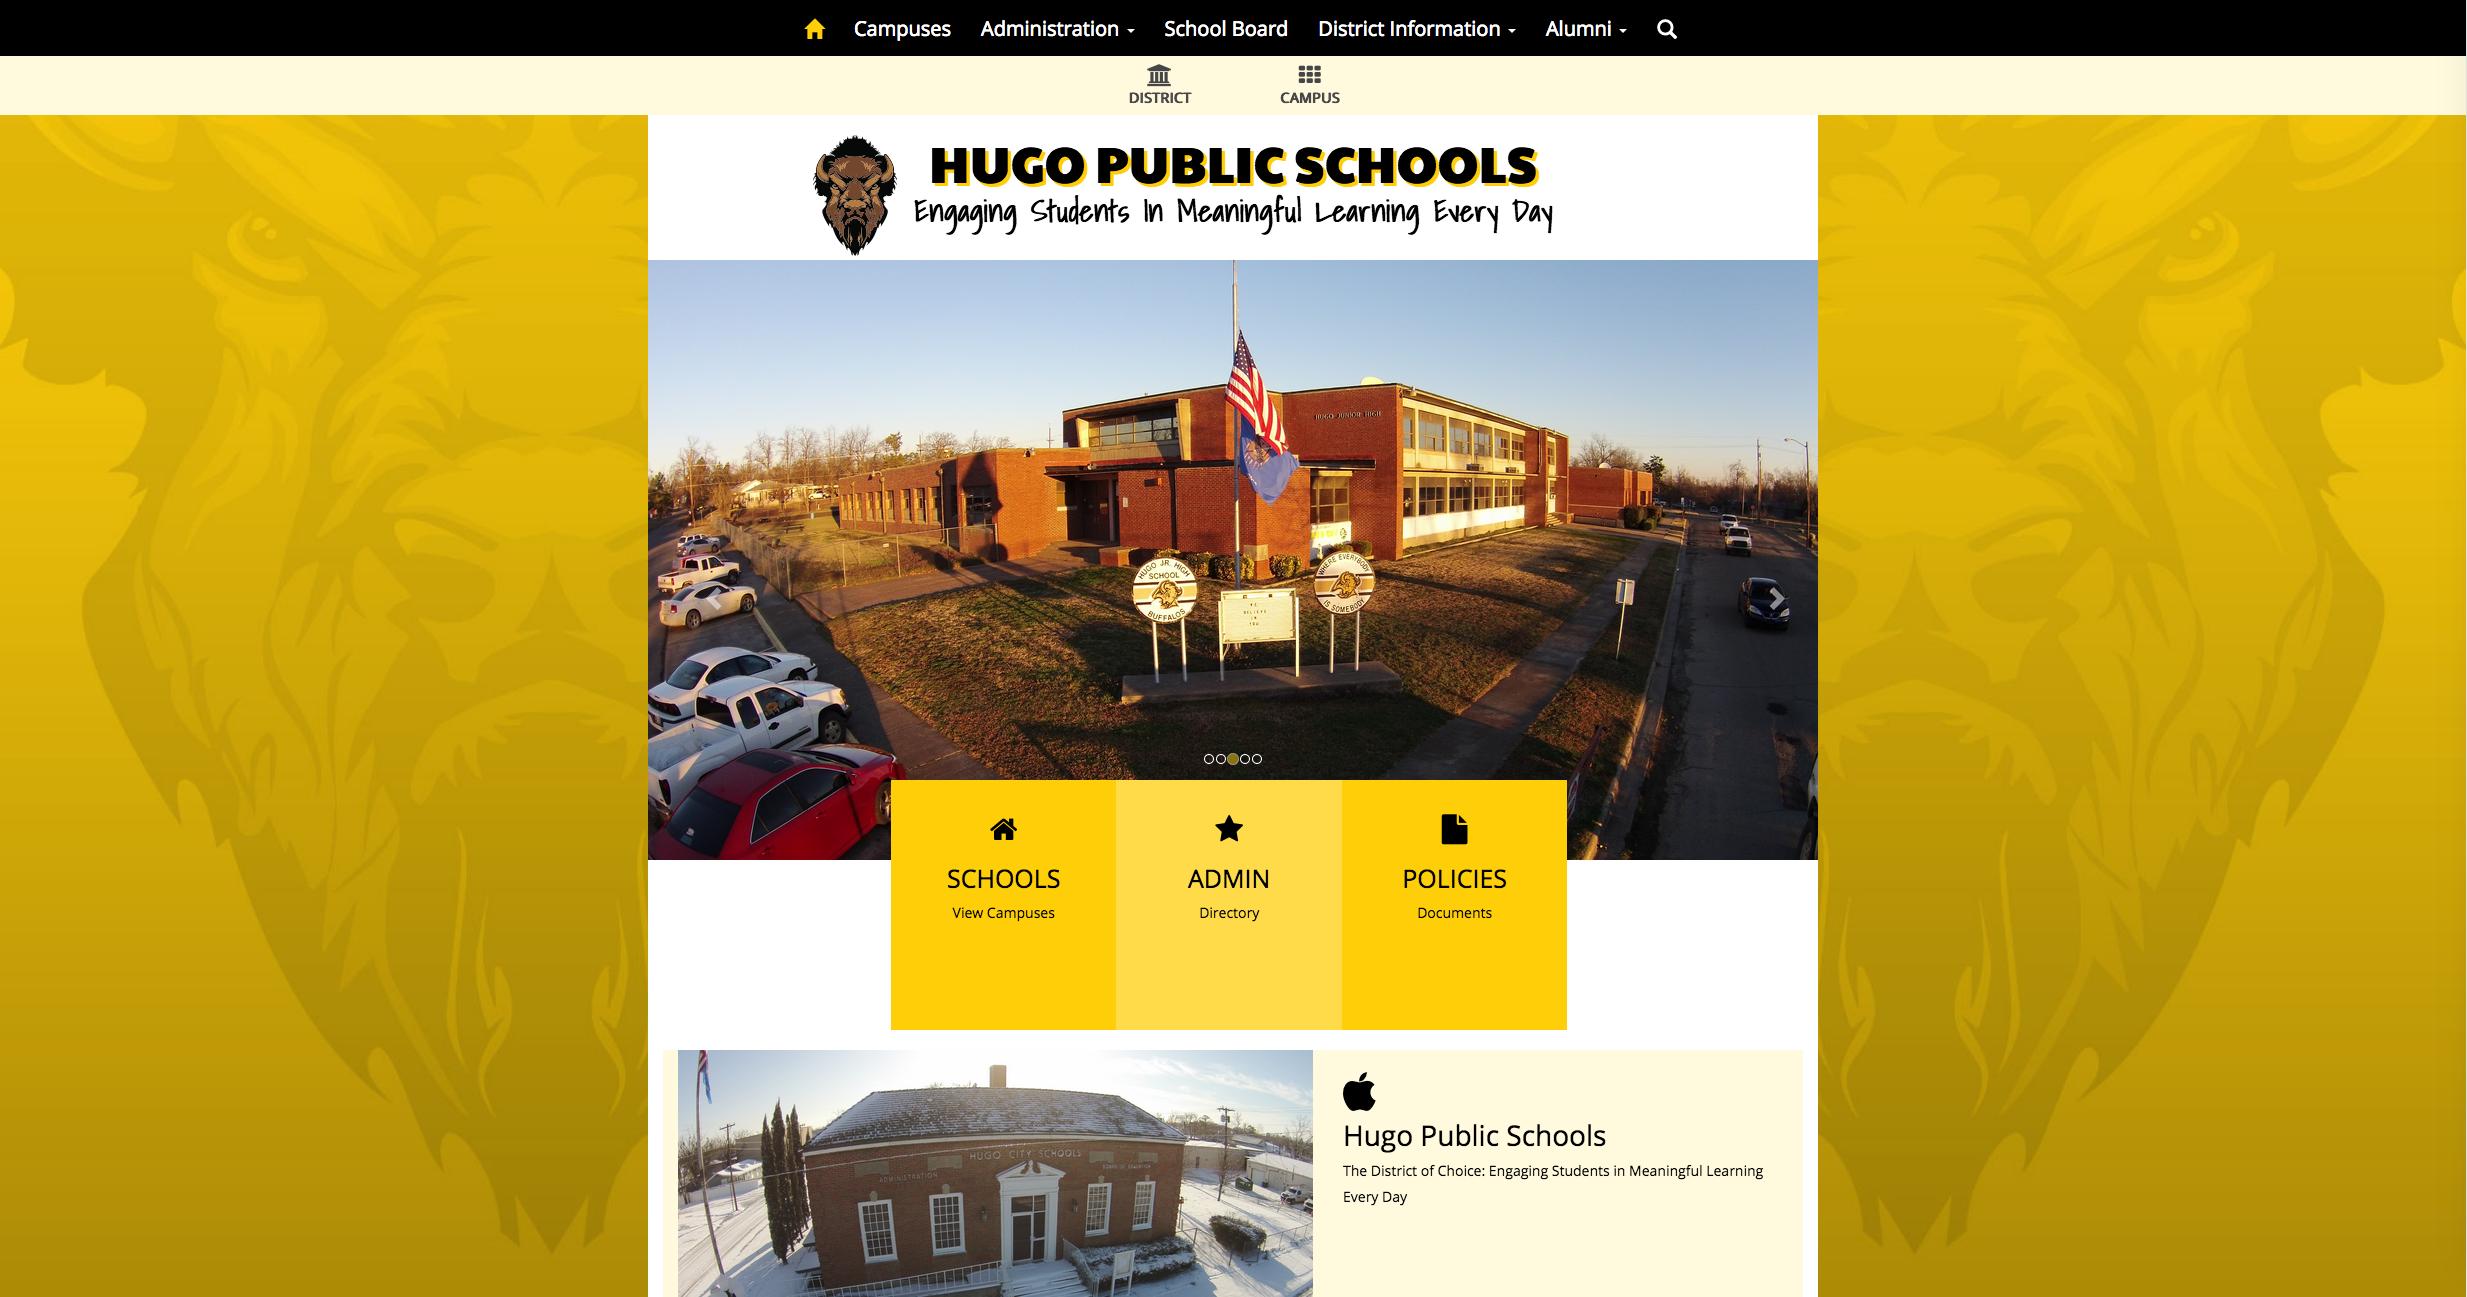 Hugo Public Schools